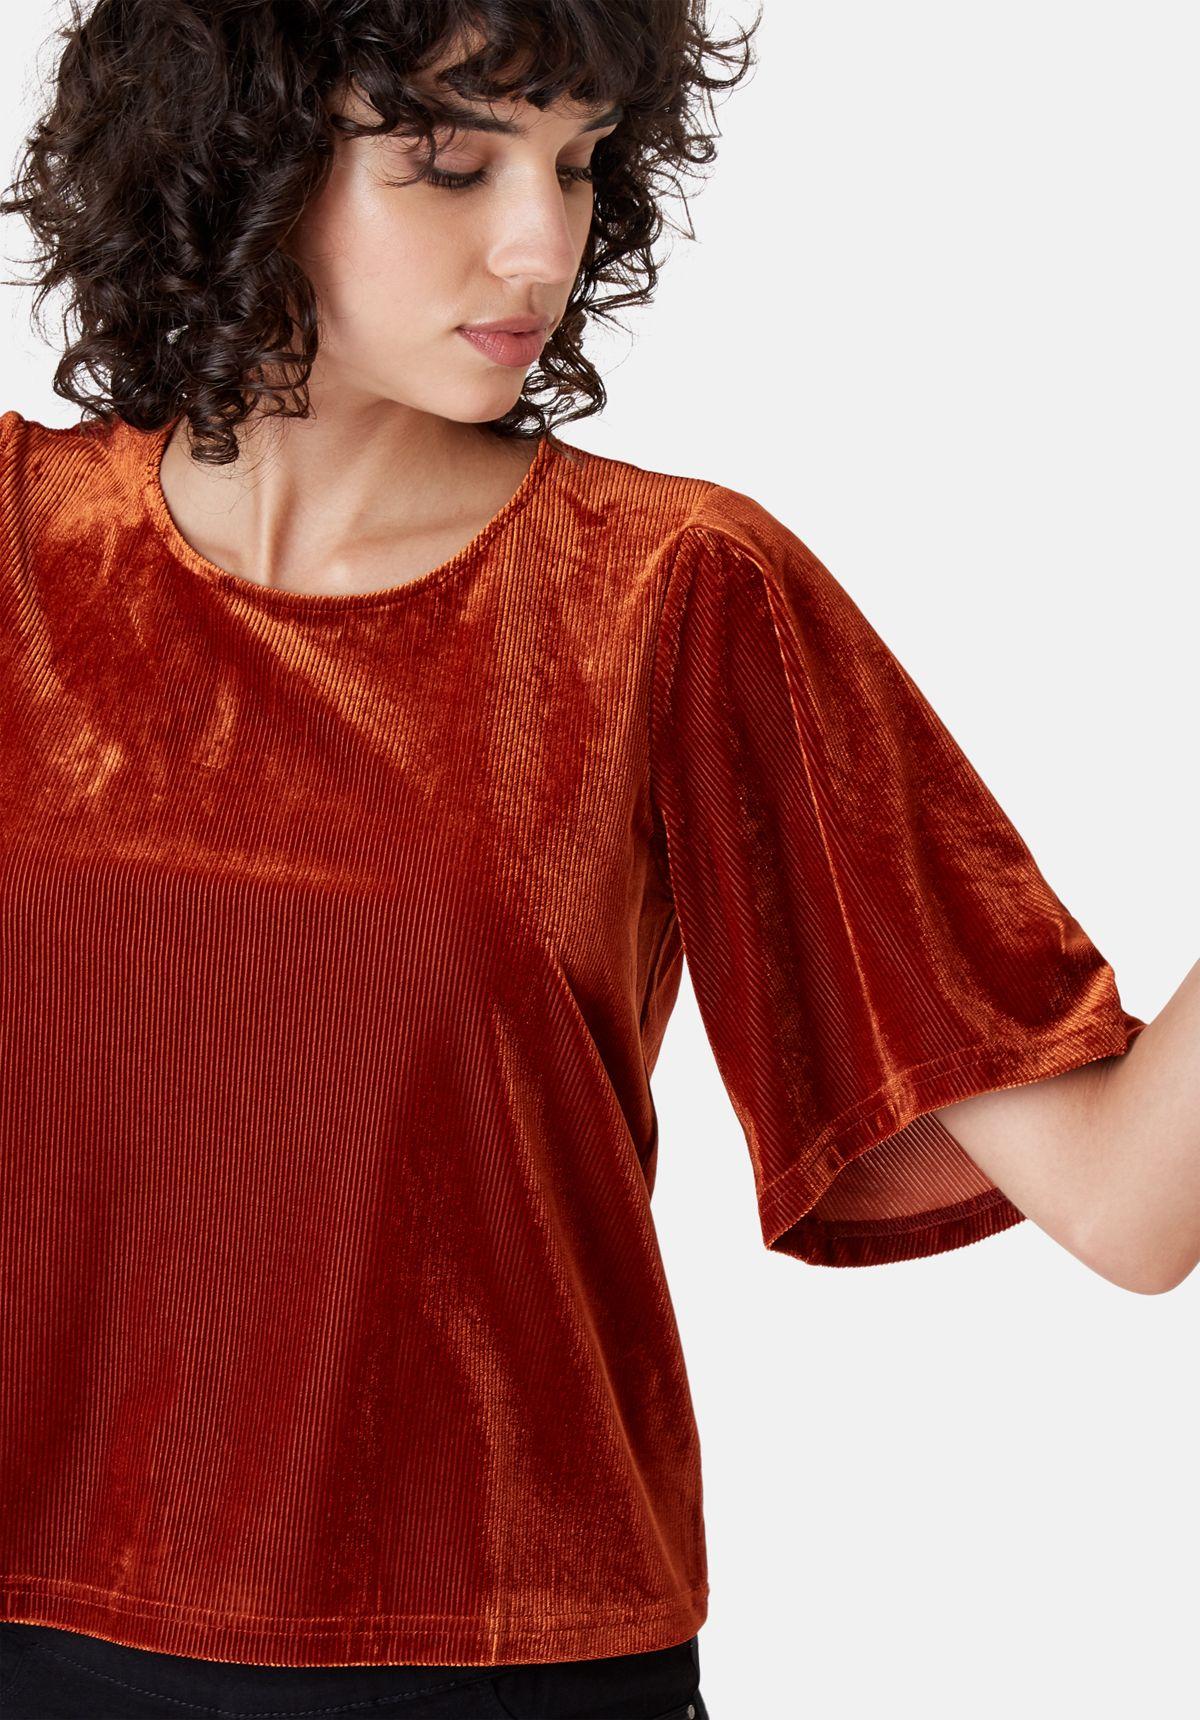 Whisper Short Sleeve Top in Rust Brown